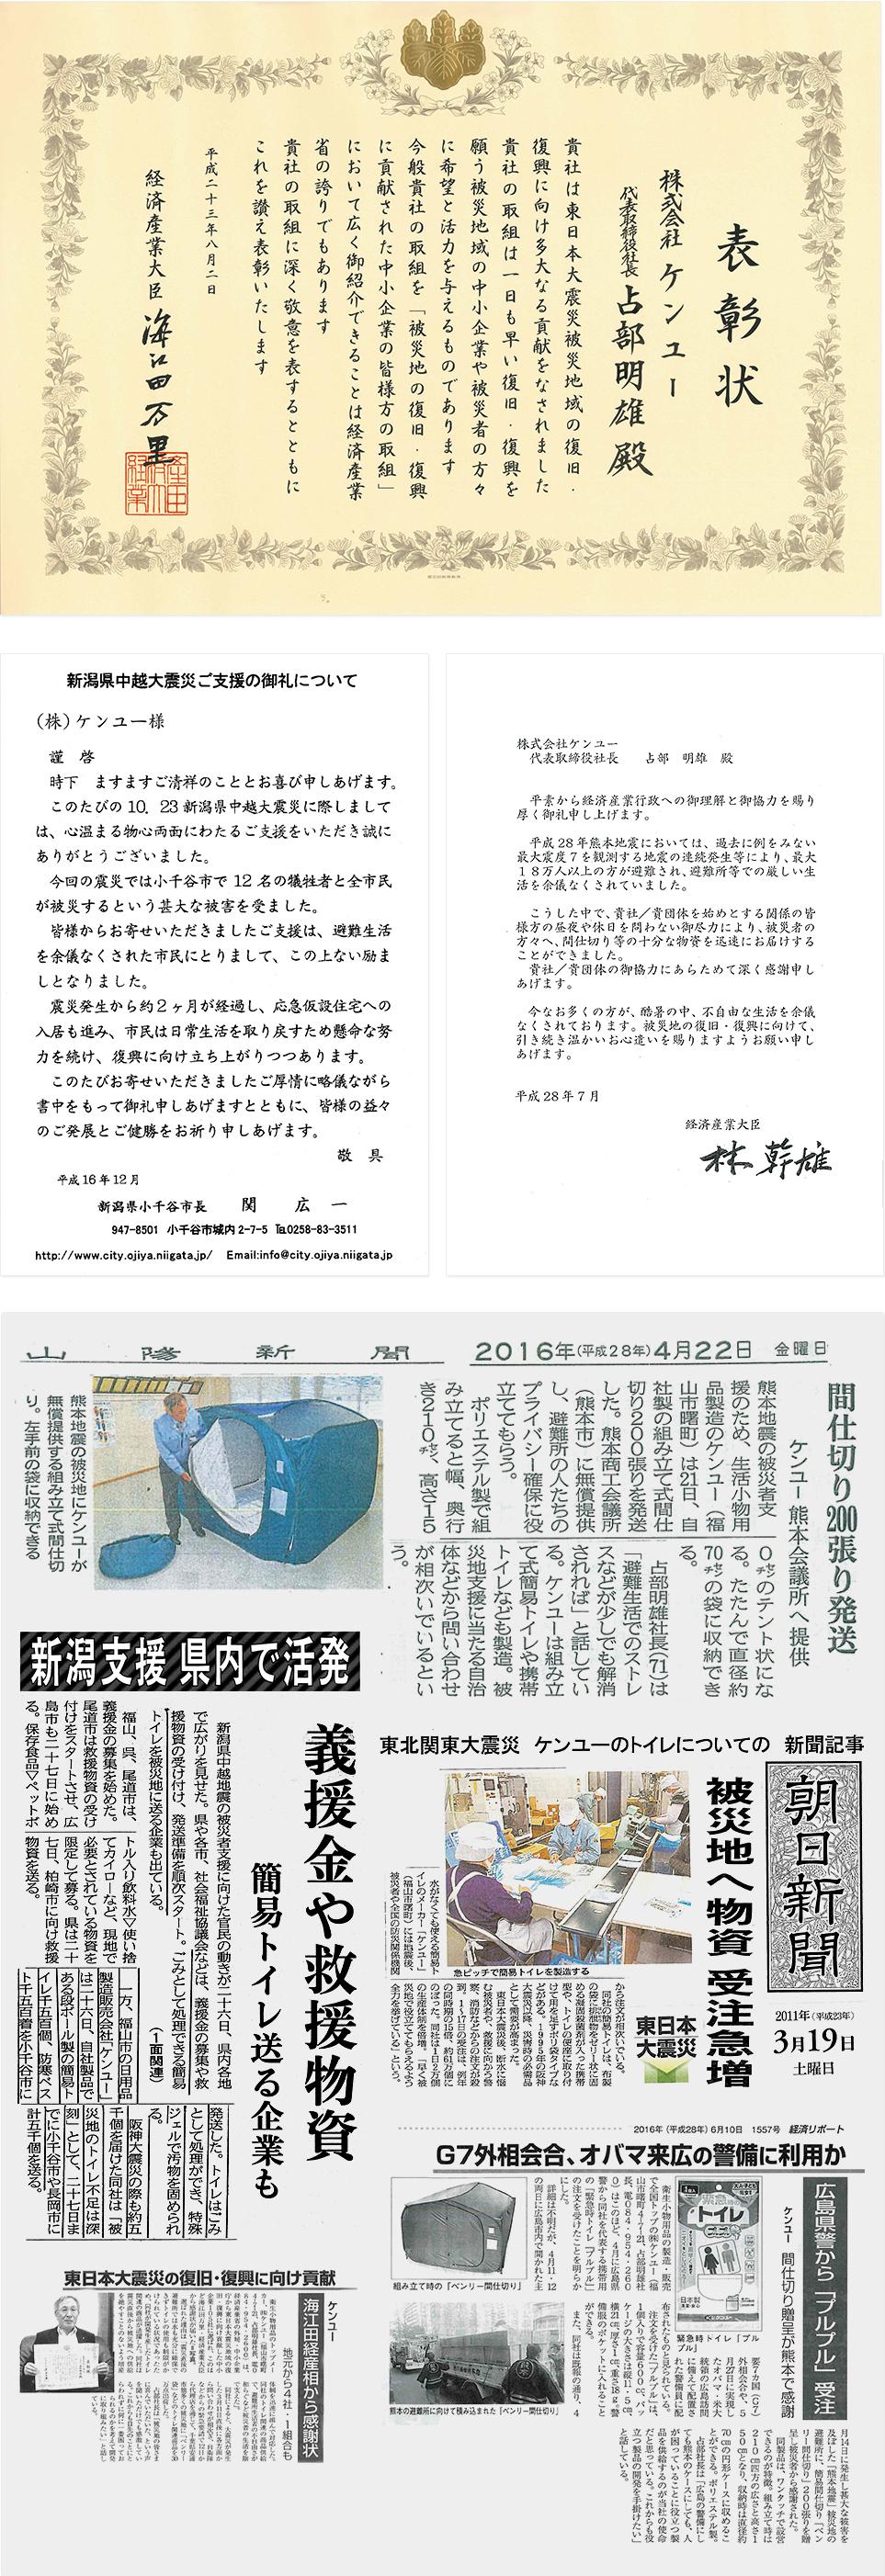 表彰状・礼状・新聞記事